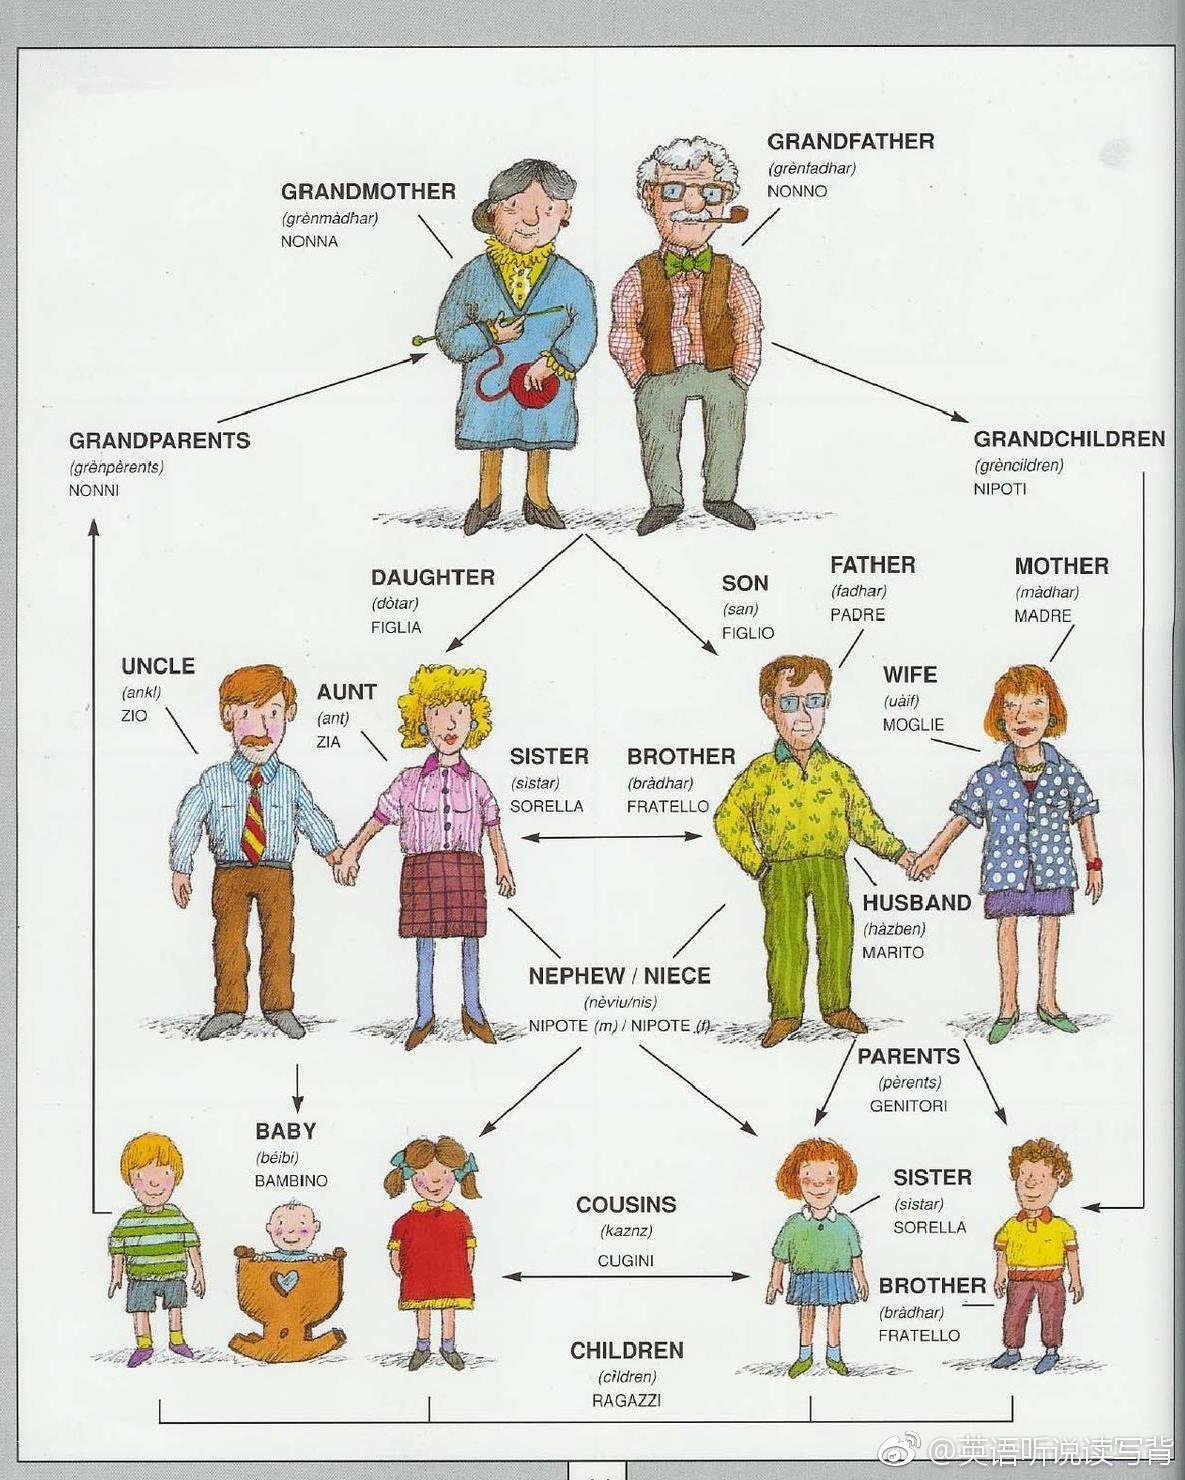 家庭亲戚关系英语称呼,很多人搞不明白,现在一